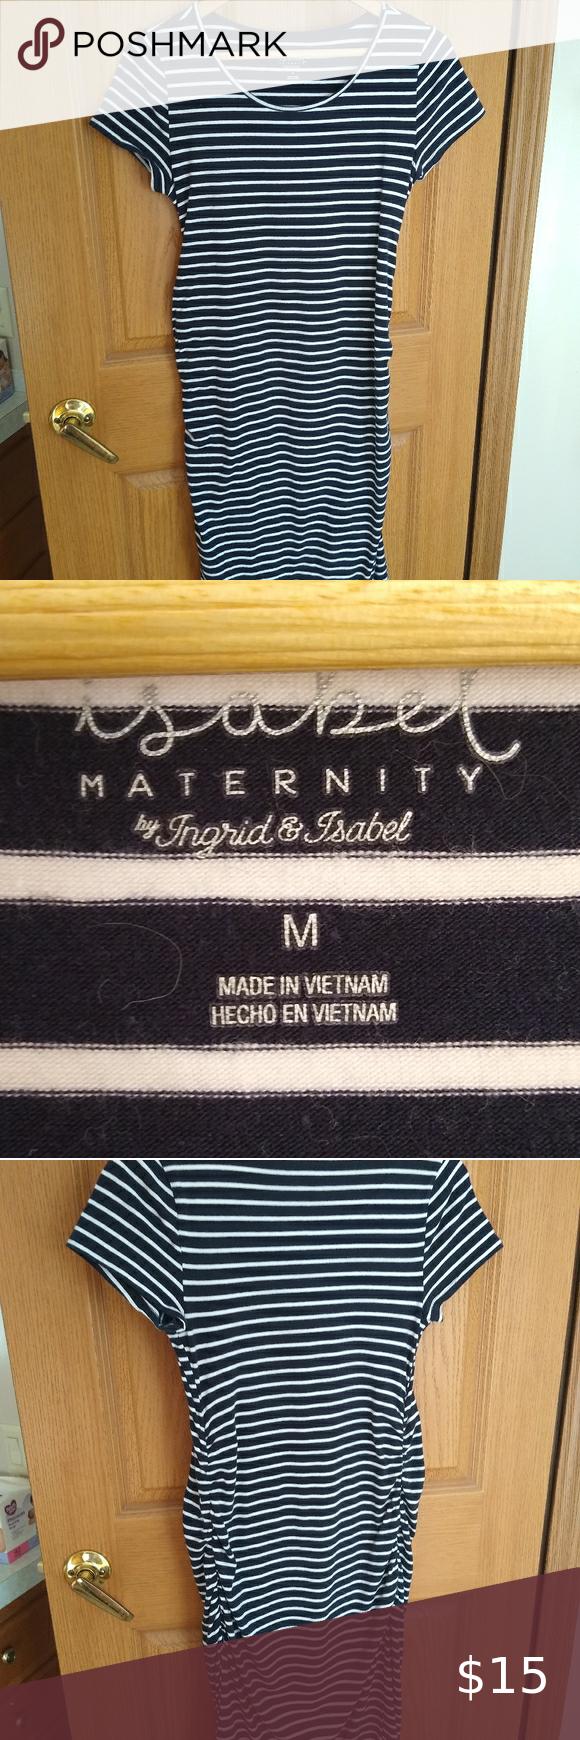 Isabel Maternity Dress - Medium Striped Short Sleeve T-Shirt Maternity Dress - Isabel Maternity Navy